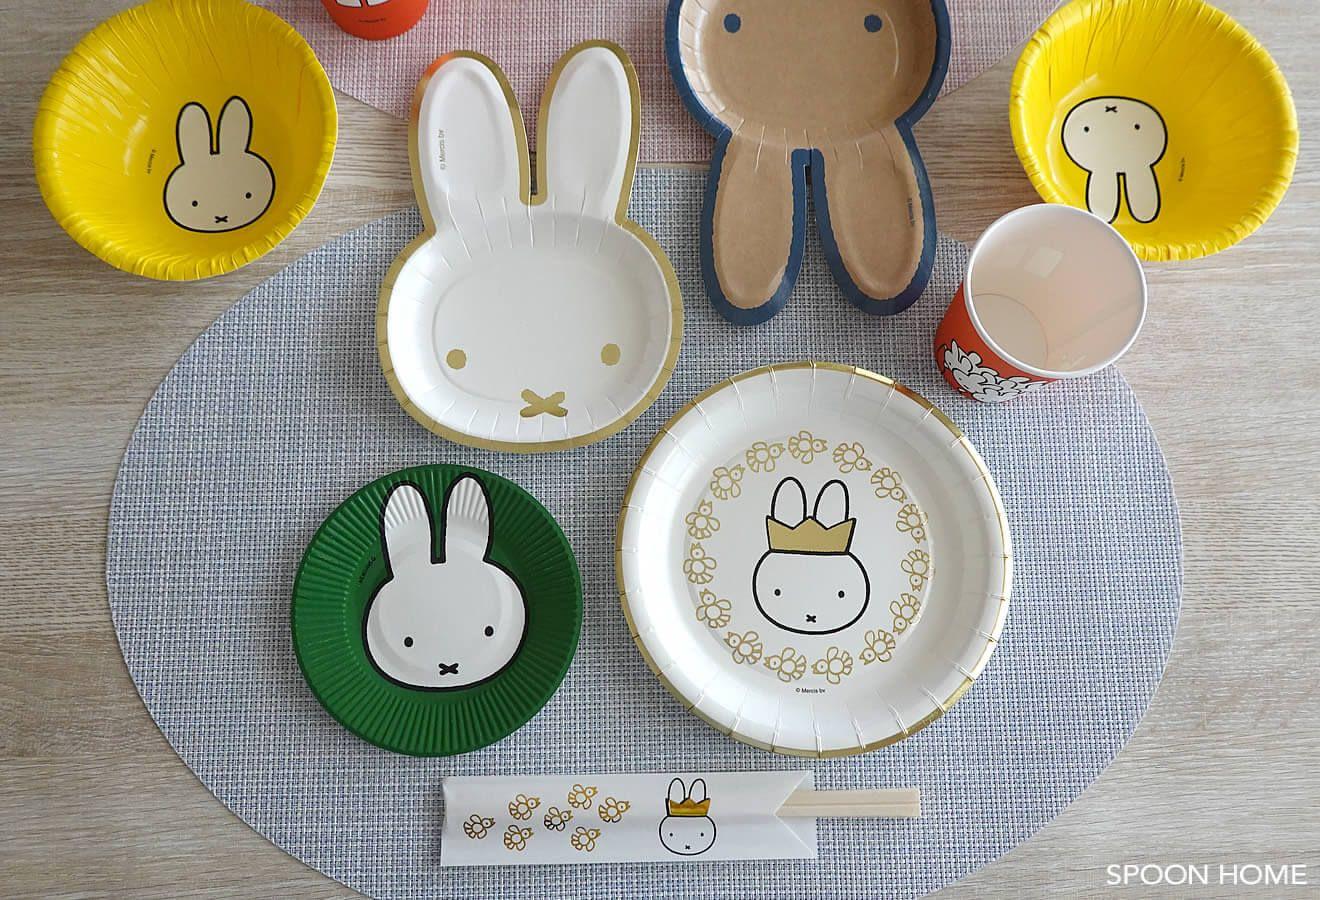 紙皿やアルミホイルが可愛い ダイソーのミッフィーコラボ商品と店舗在庫について 紙 皿 ダイソー アルミホイル